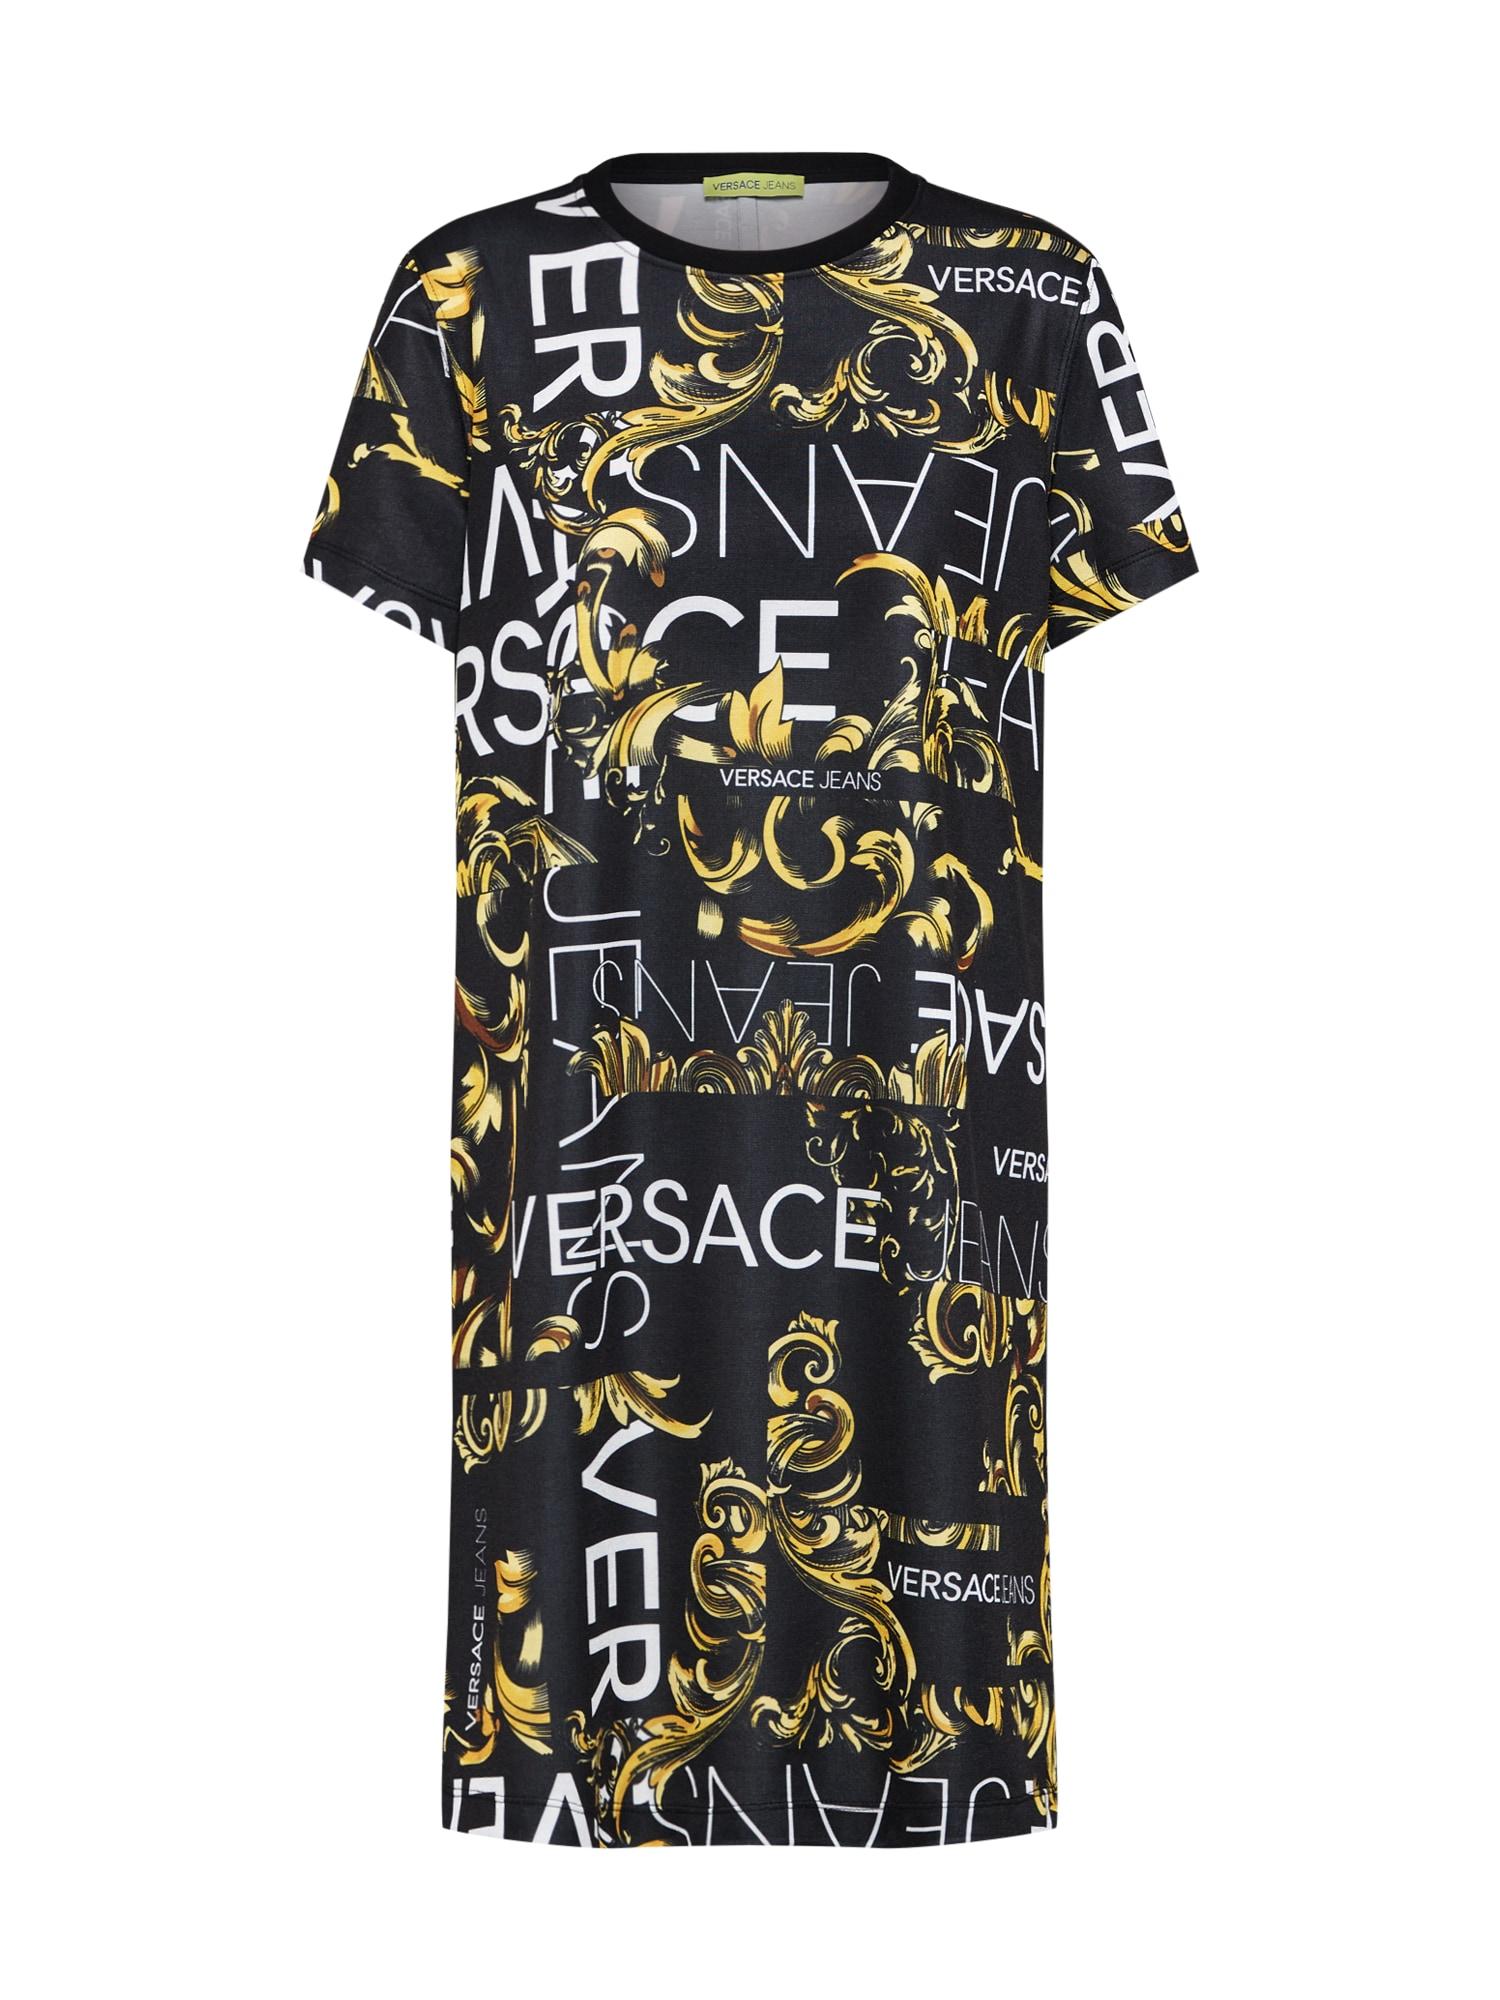 Šaty TDP927 print tyrkysová černá Versace Jeans